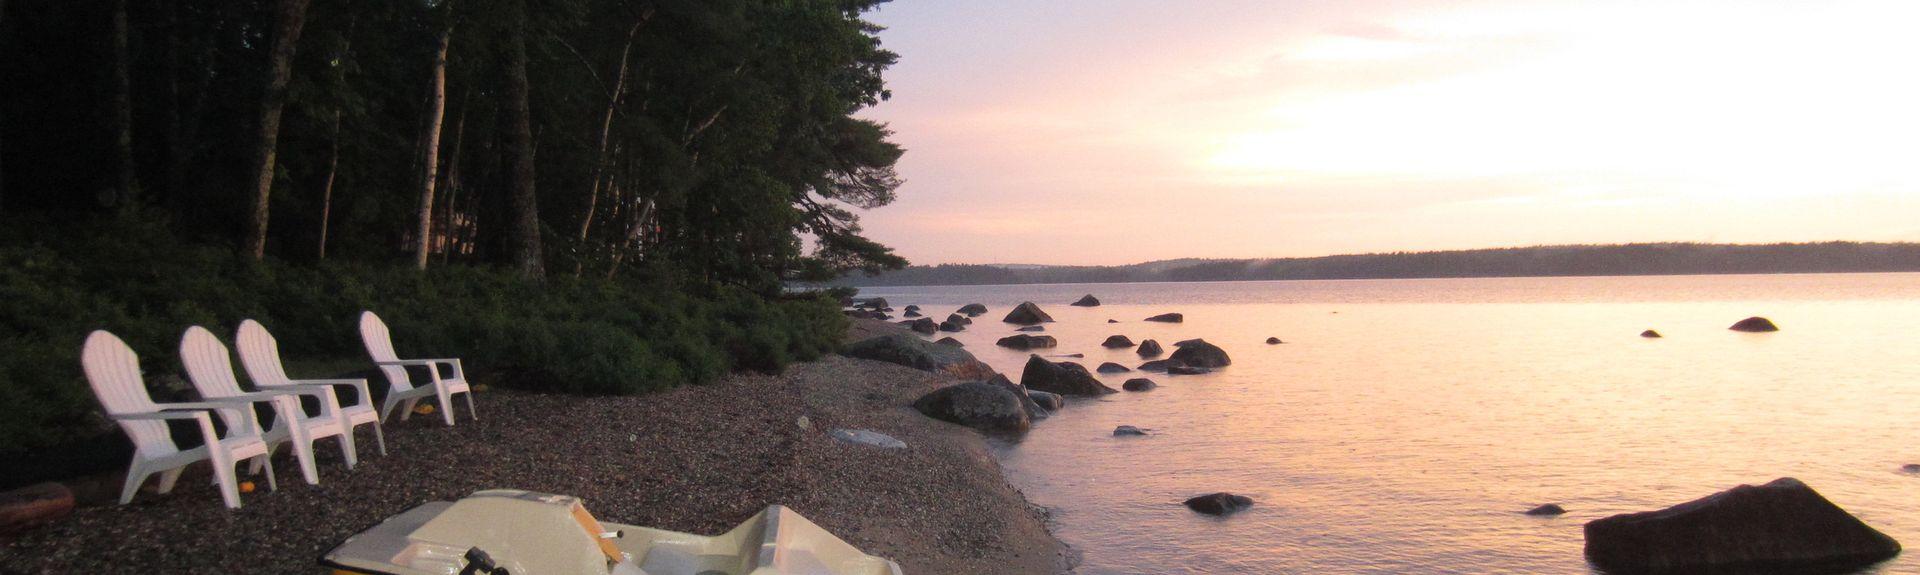 Watchic Pond, Standish, Maine, États-Unis d'Amérique